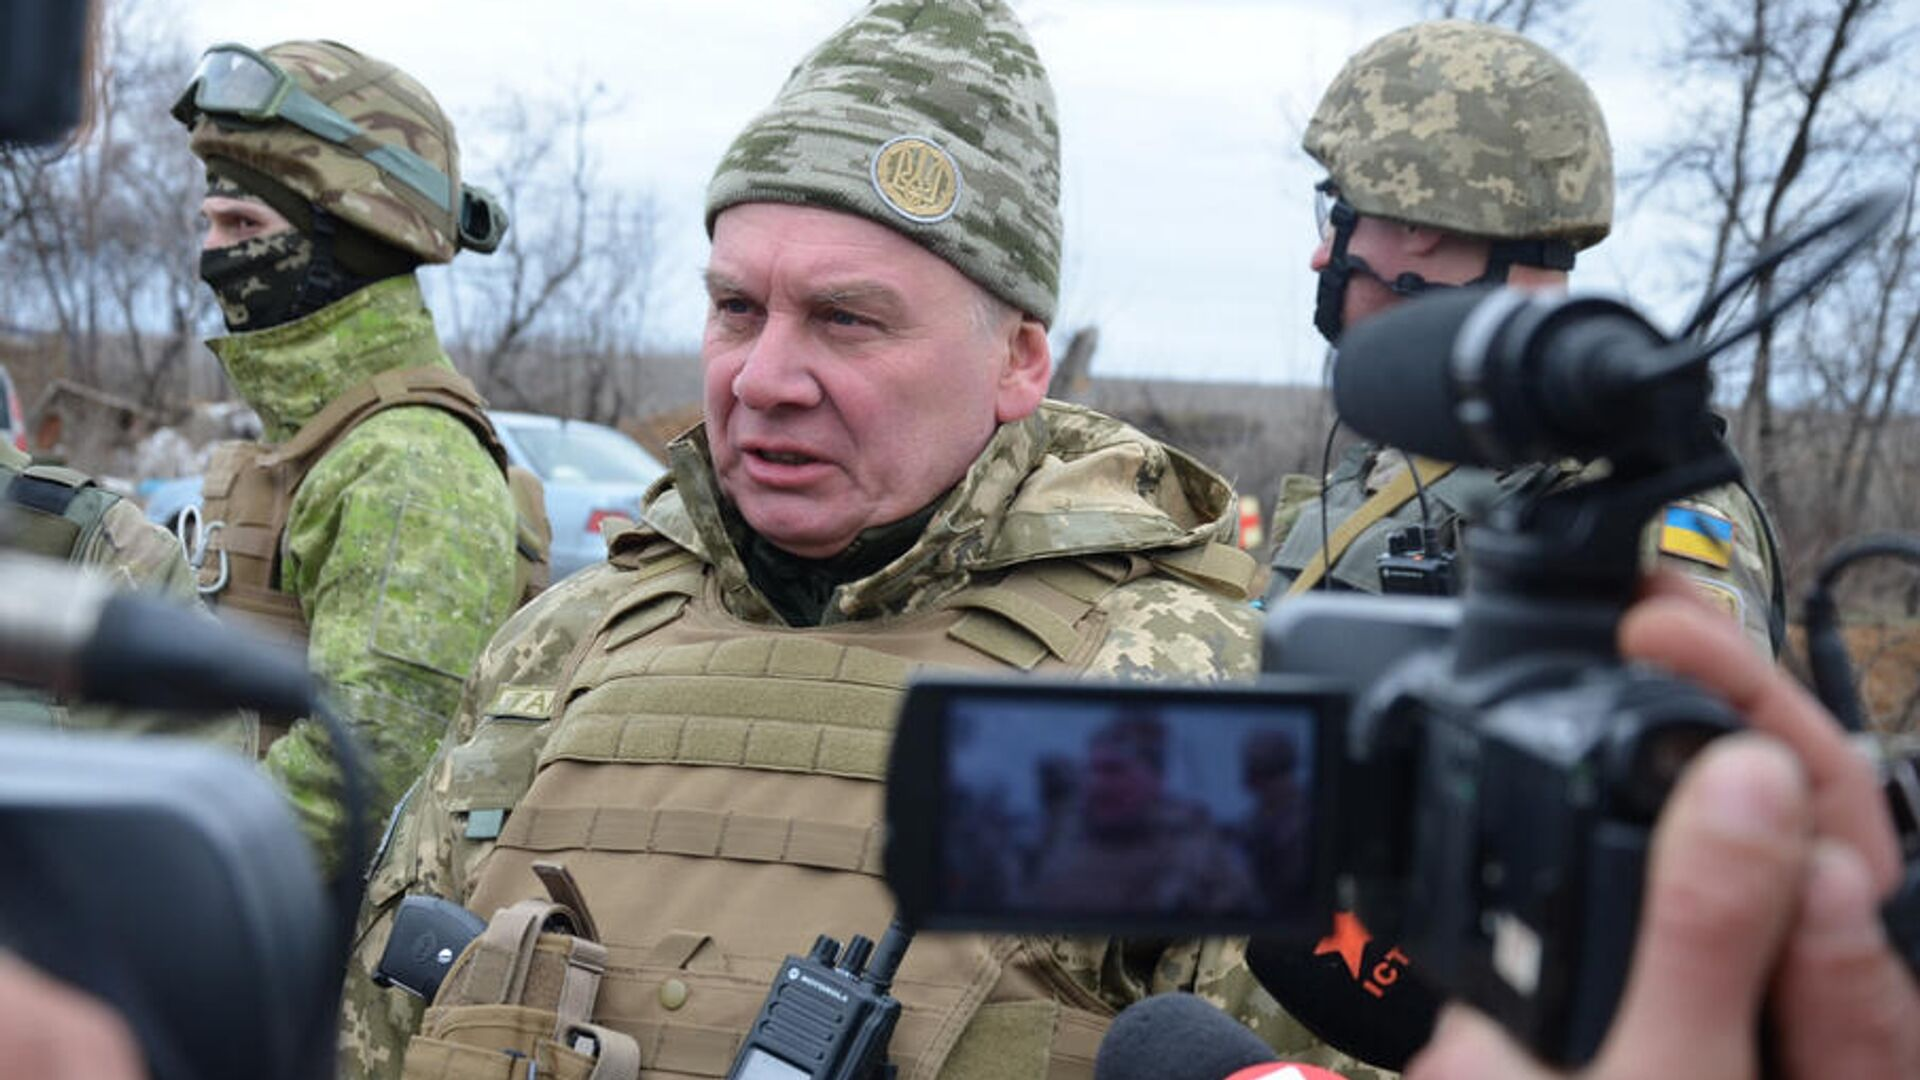 Генерал-лейтенант Вооруженных сил Украины в отставке Андрей Васильевич Таран - РИА Новости, 1920, 05.12.2020